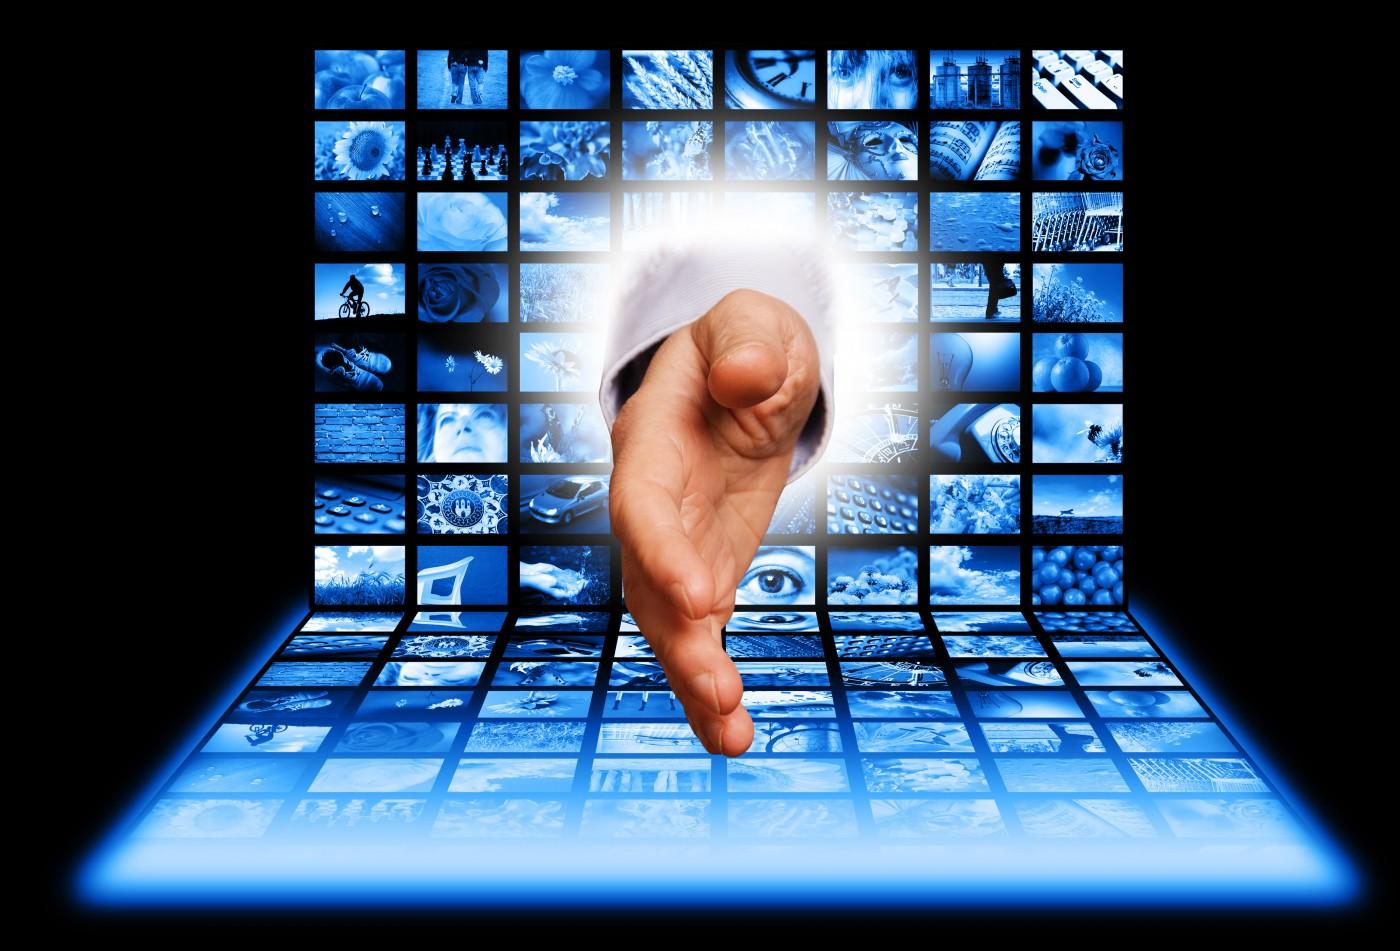 Social Nette Marketing